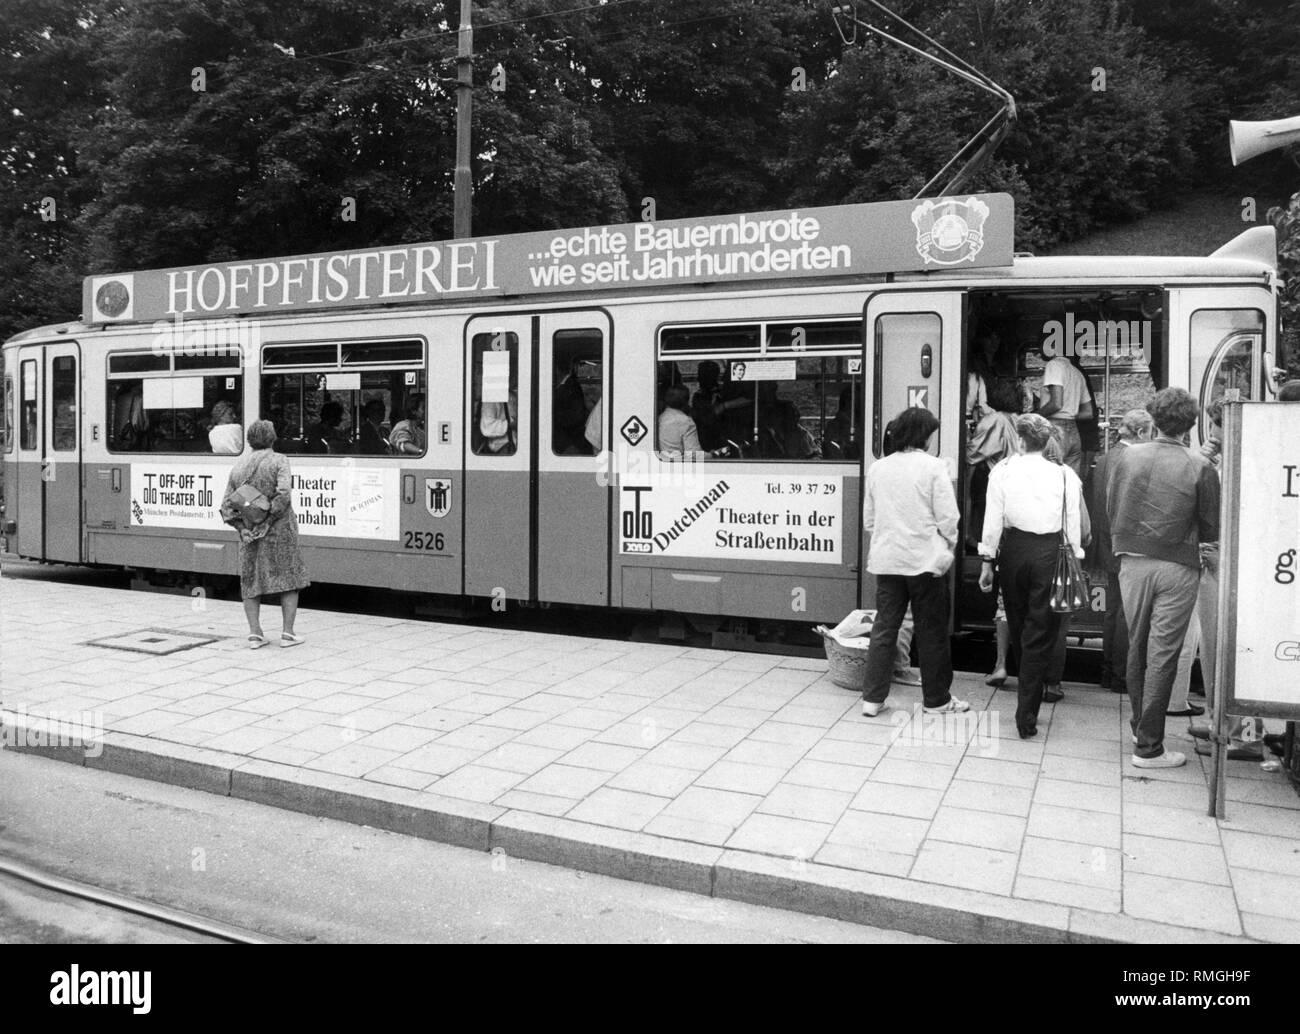 Das Spiel Dutchman Durch Leroi Jones Ist In Der Straßenbahn Durch